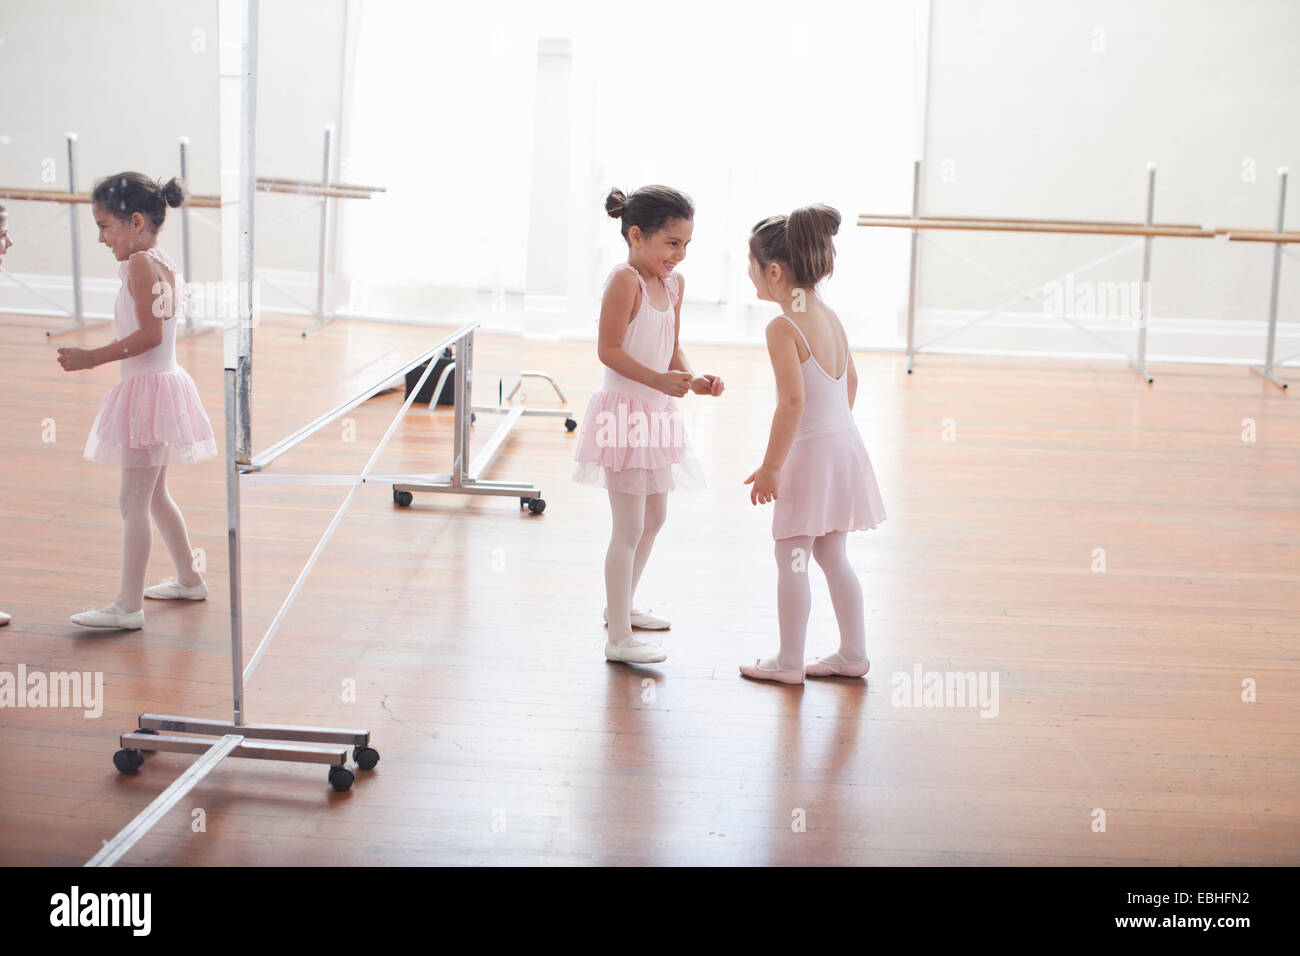 Zwei Kinder Ballerinas Chat in der Ballettschule Stockbild